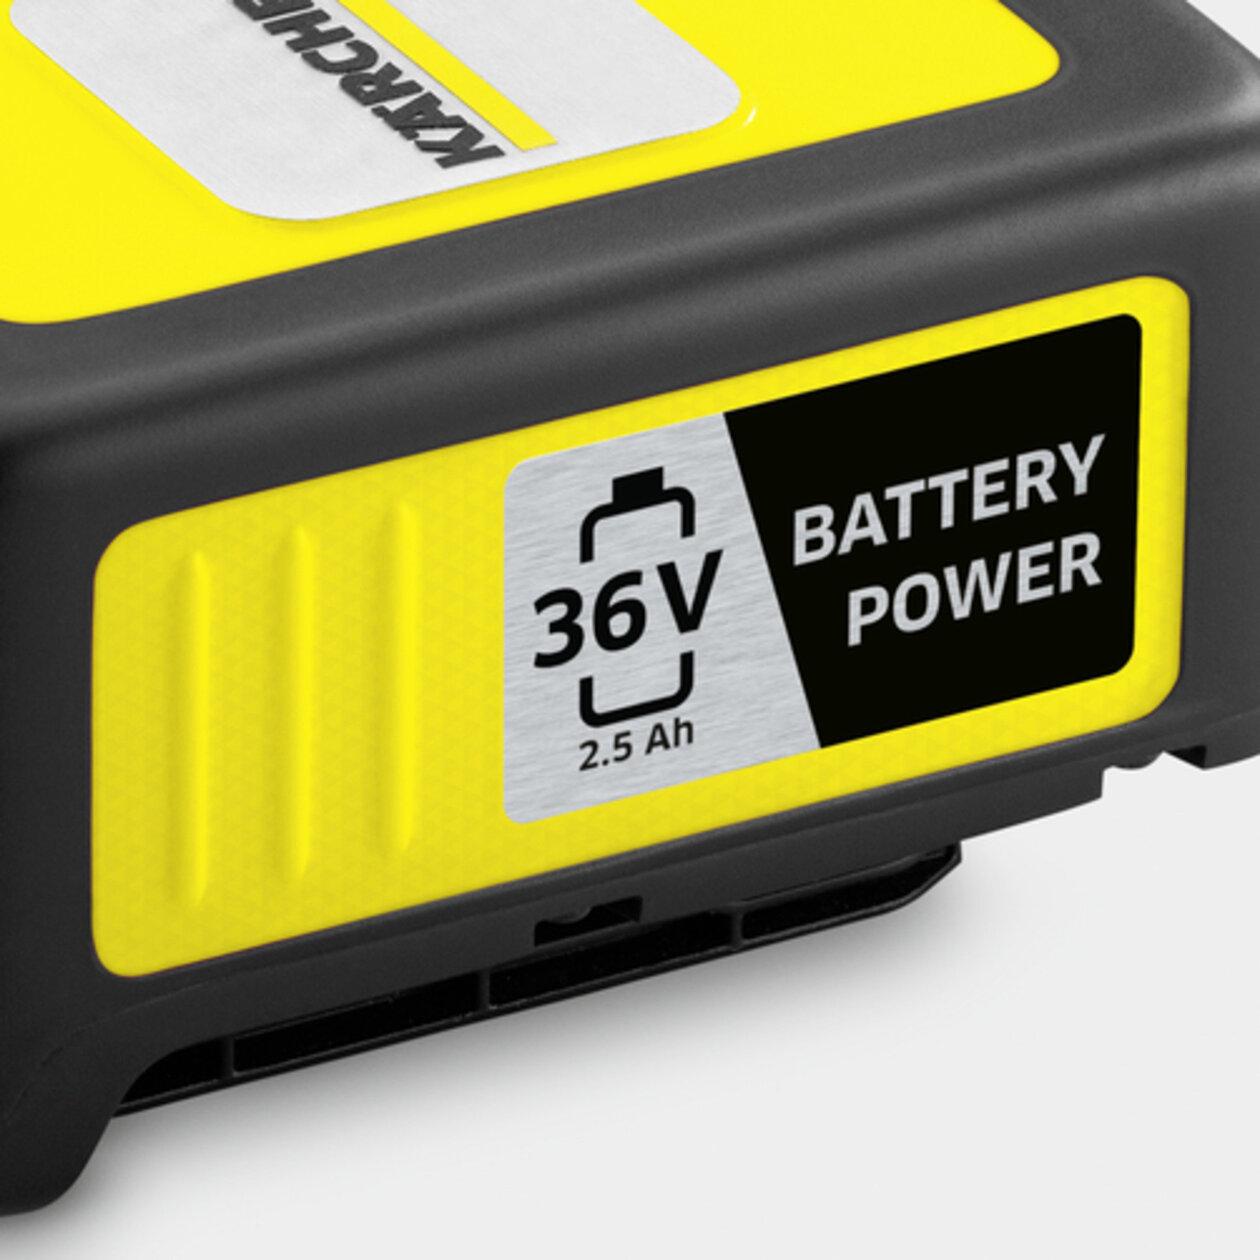 Batéria 36 V/ 5,0 Ah: Systém 36 V vymeniteľných batérií Battery Power Kärcher